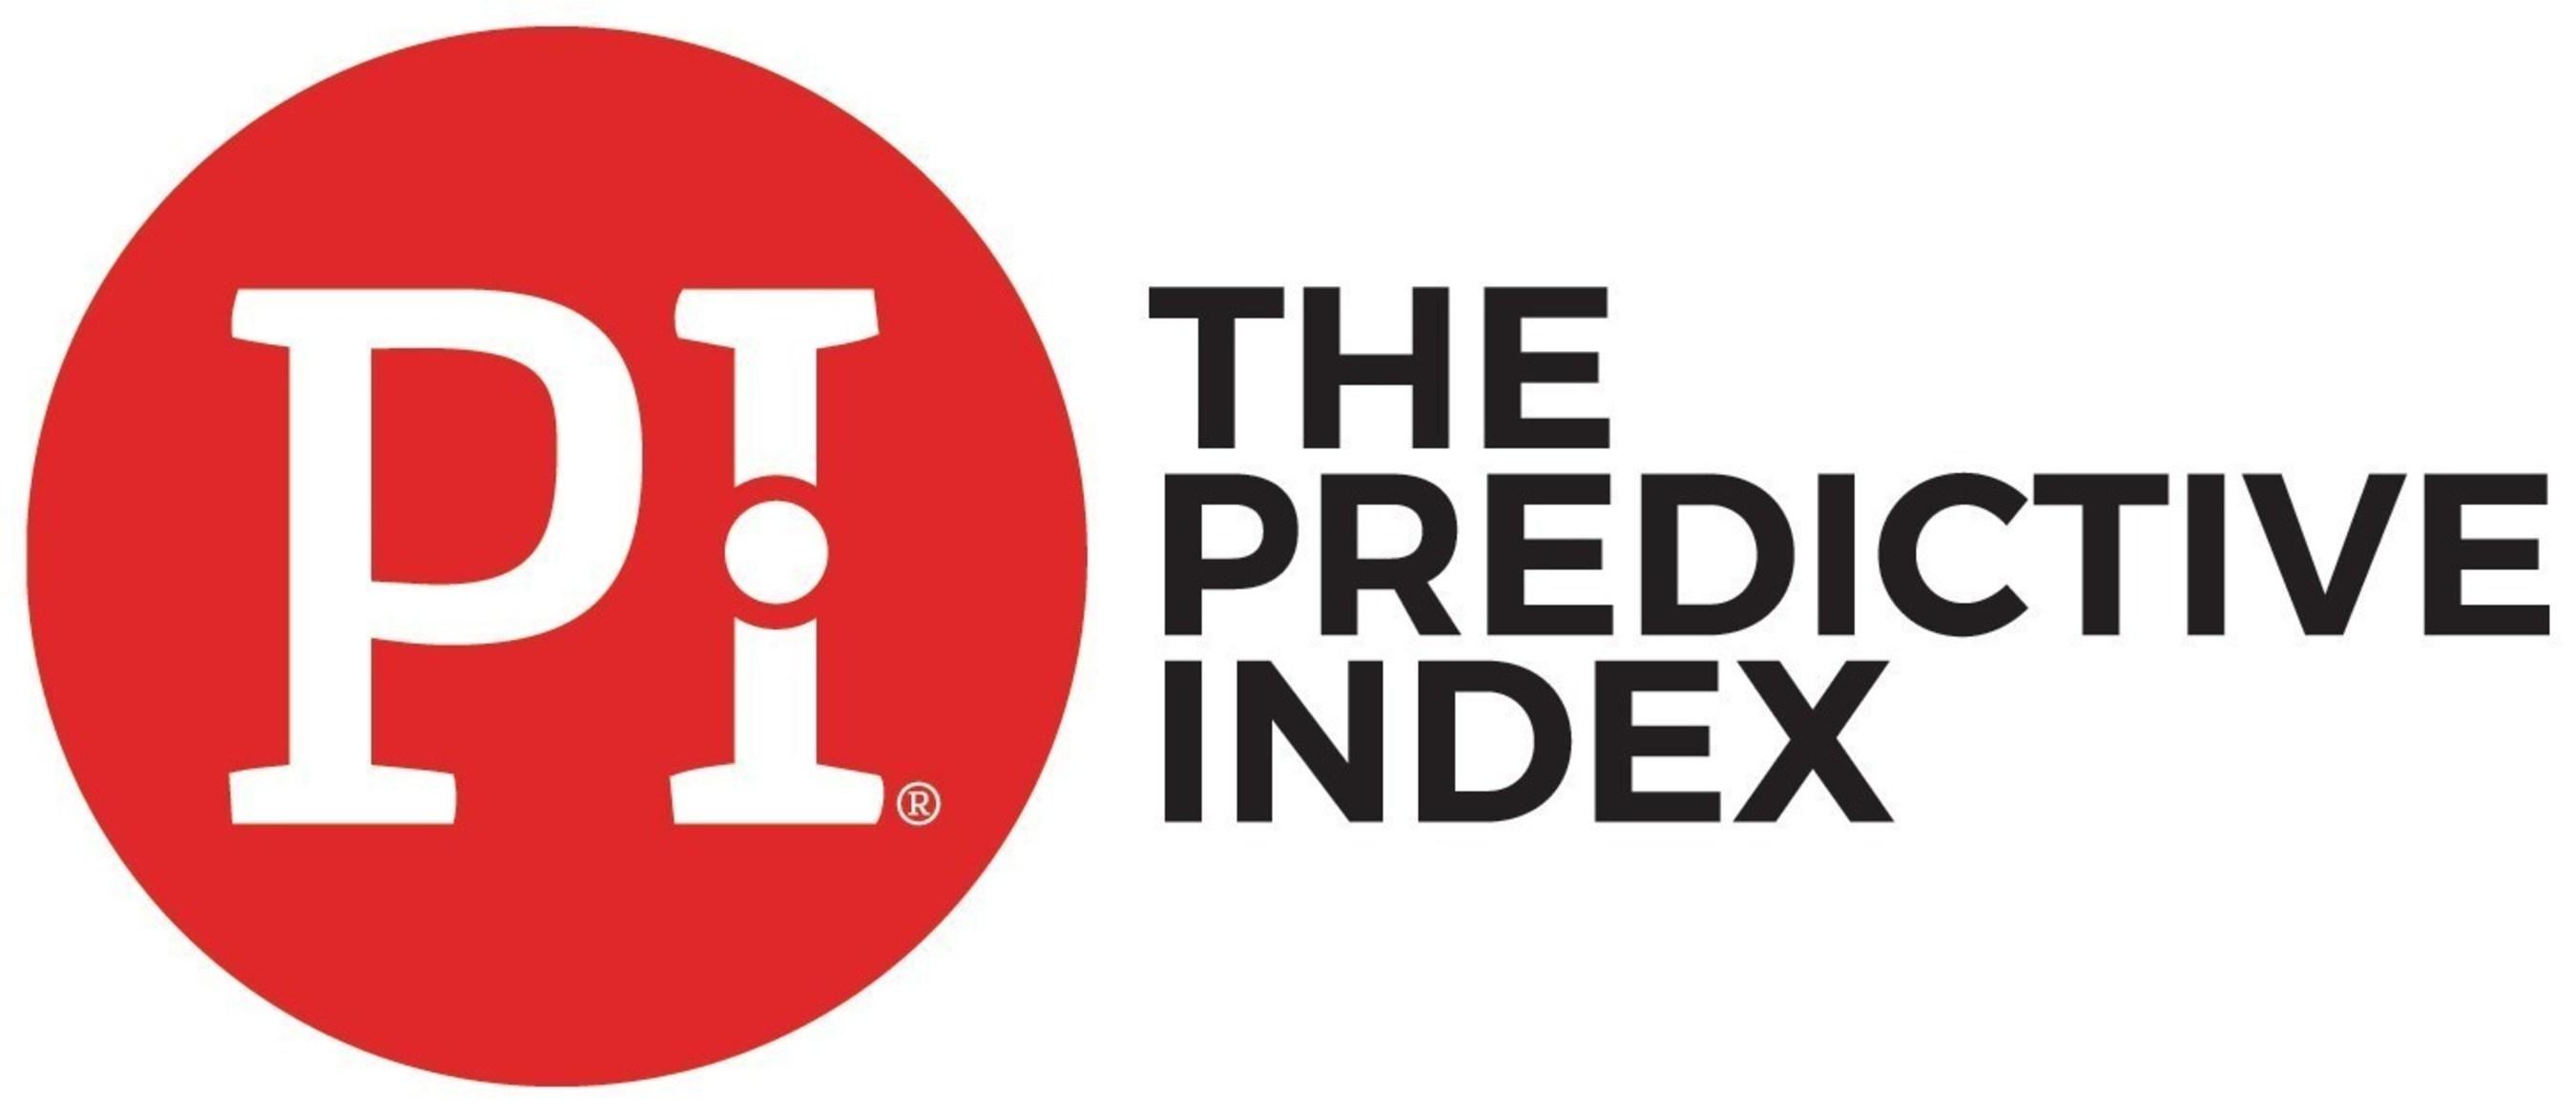 The Predictive Index (PRNewsFoto/The Predictive Index) (PRNewsFoto/The Predictive Index)